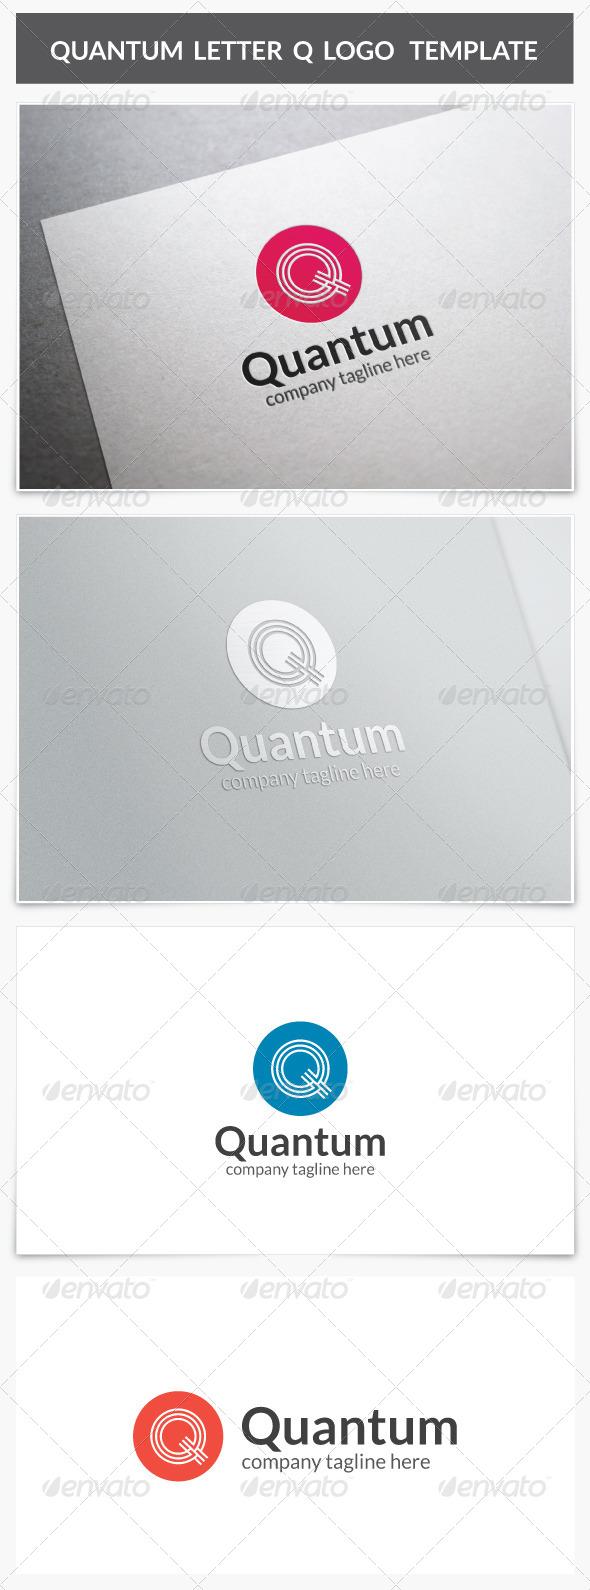 GraphicRiver Quantum Letter Q Logo 7948913